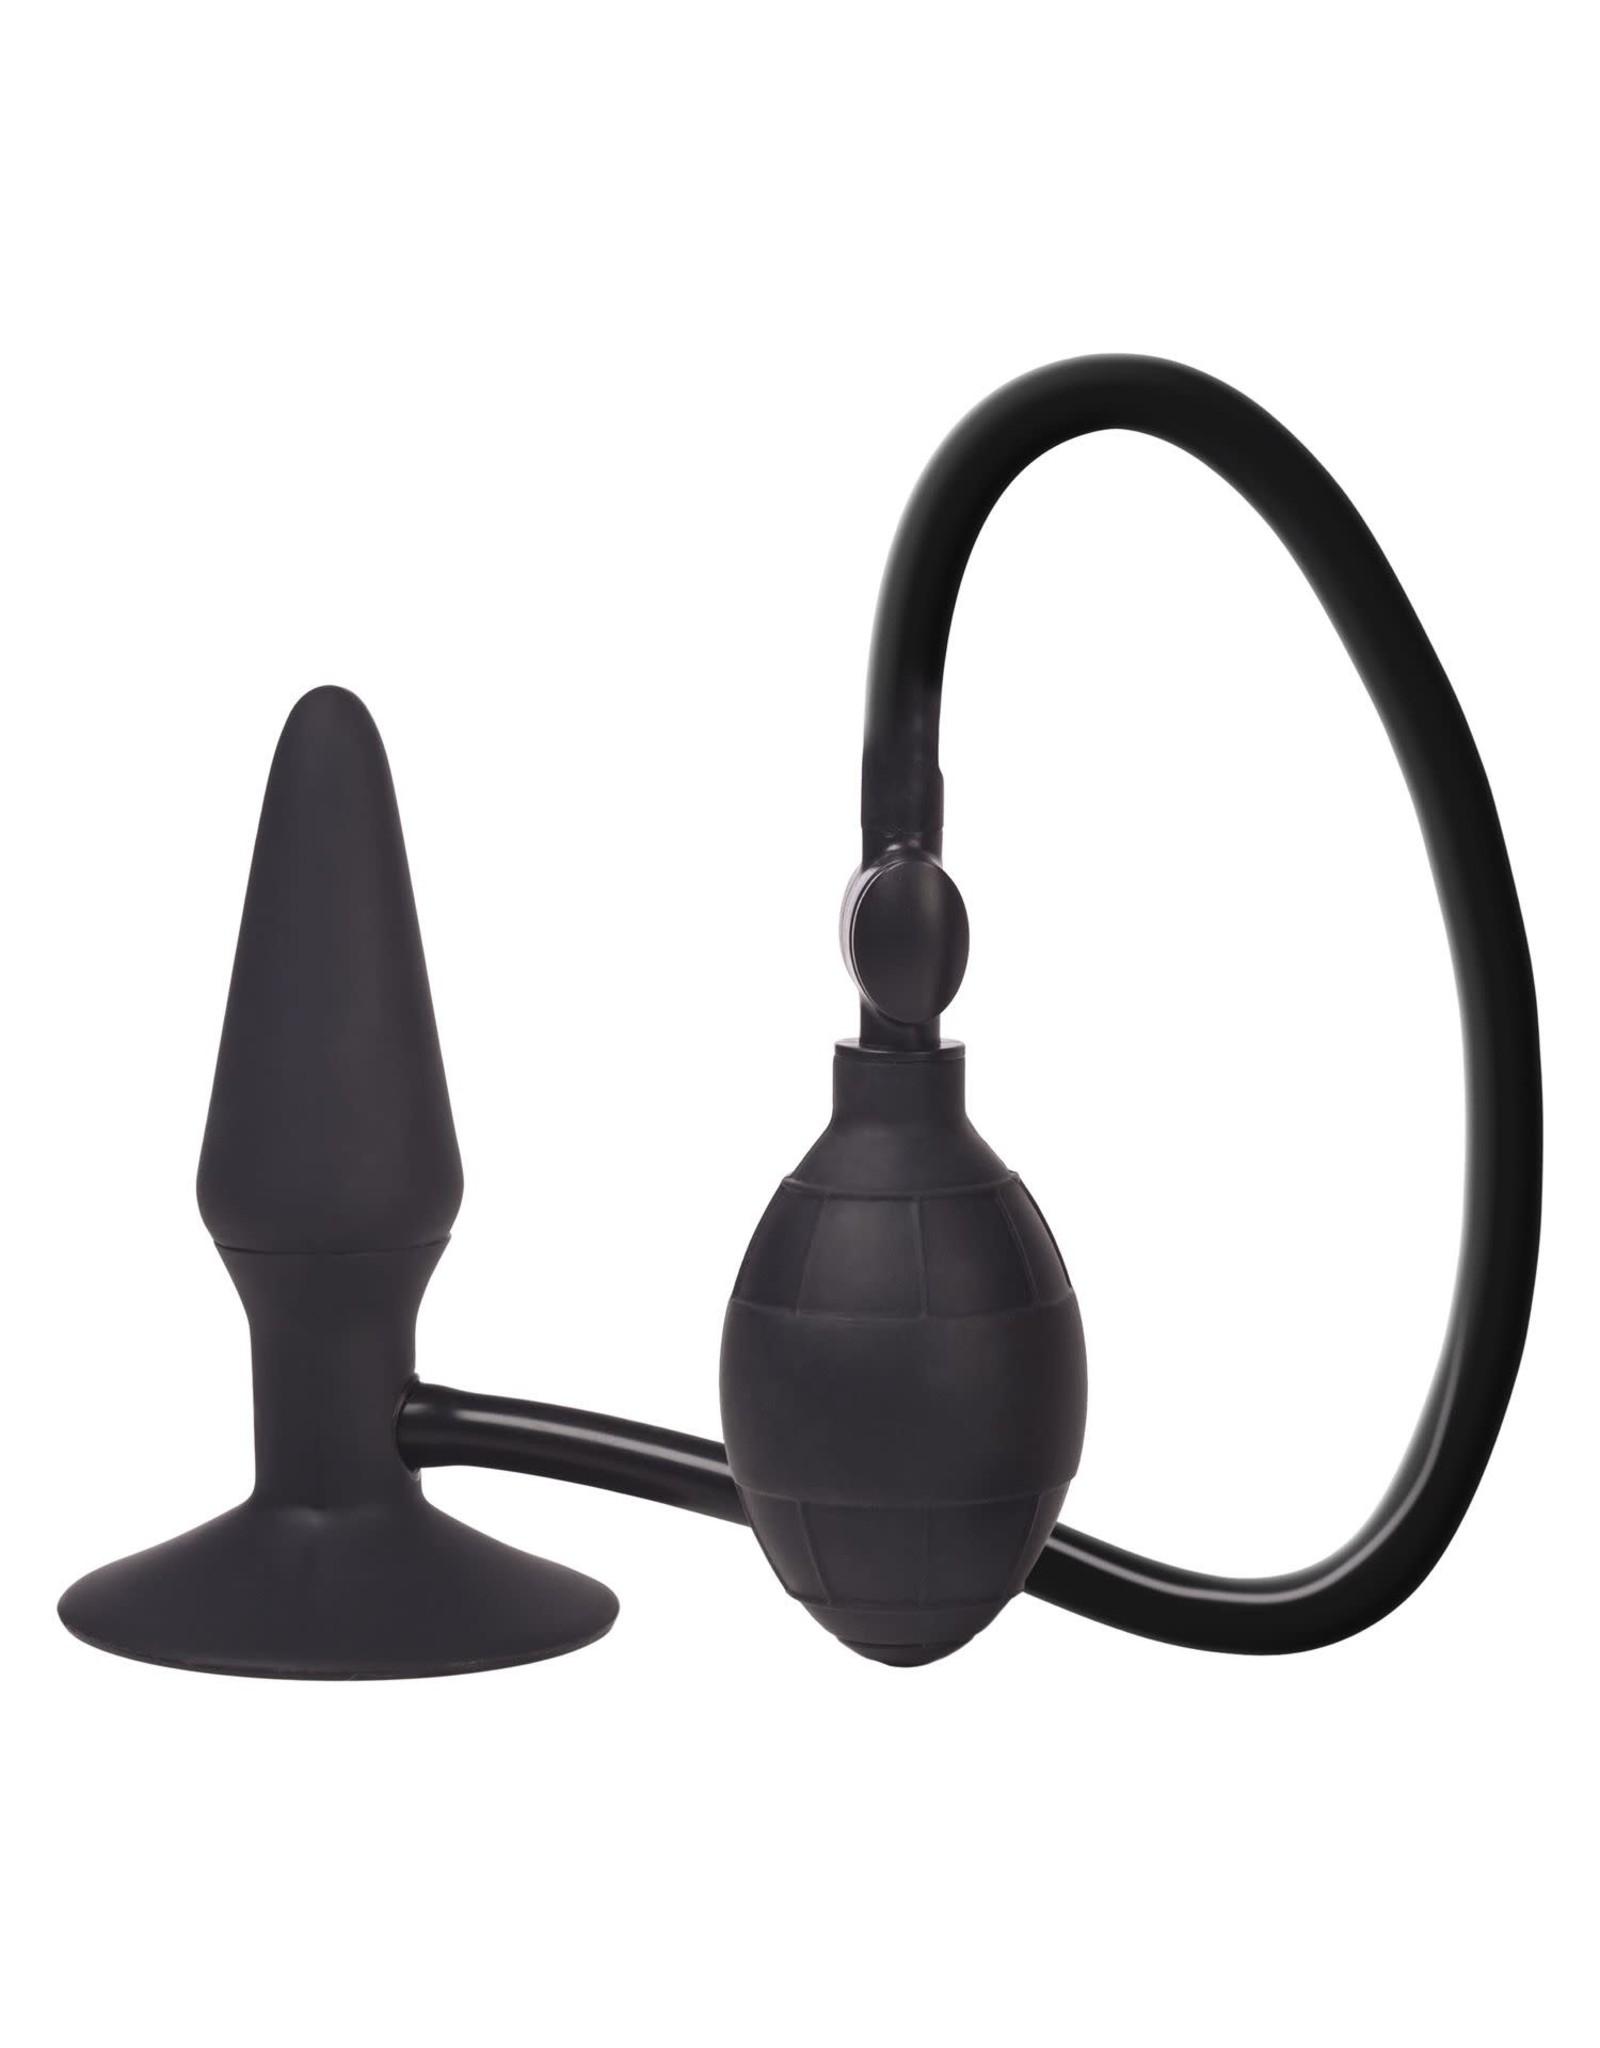 COLT CALEXOTICS - COLT - MEDIUM PUMPER PLUG - BLACK